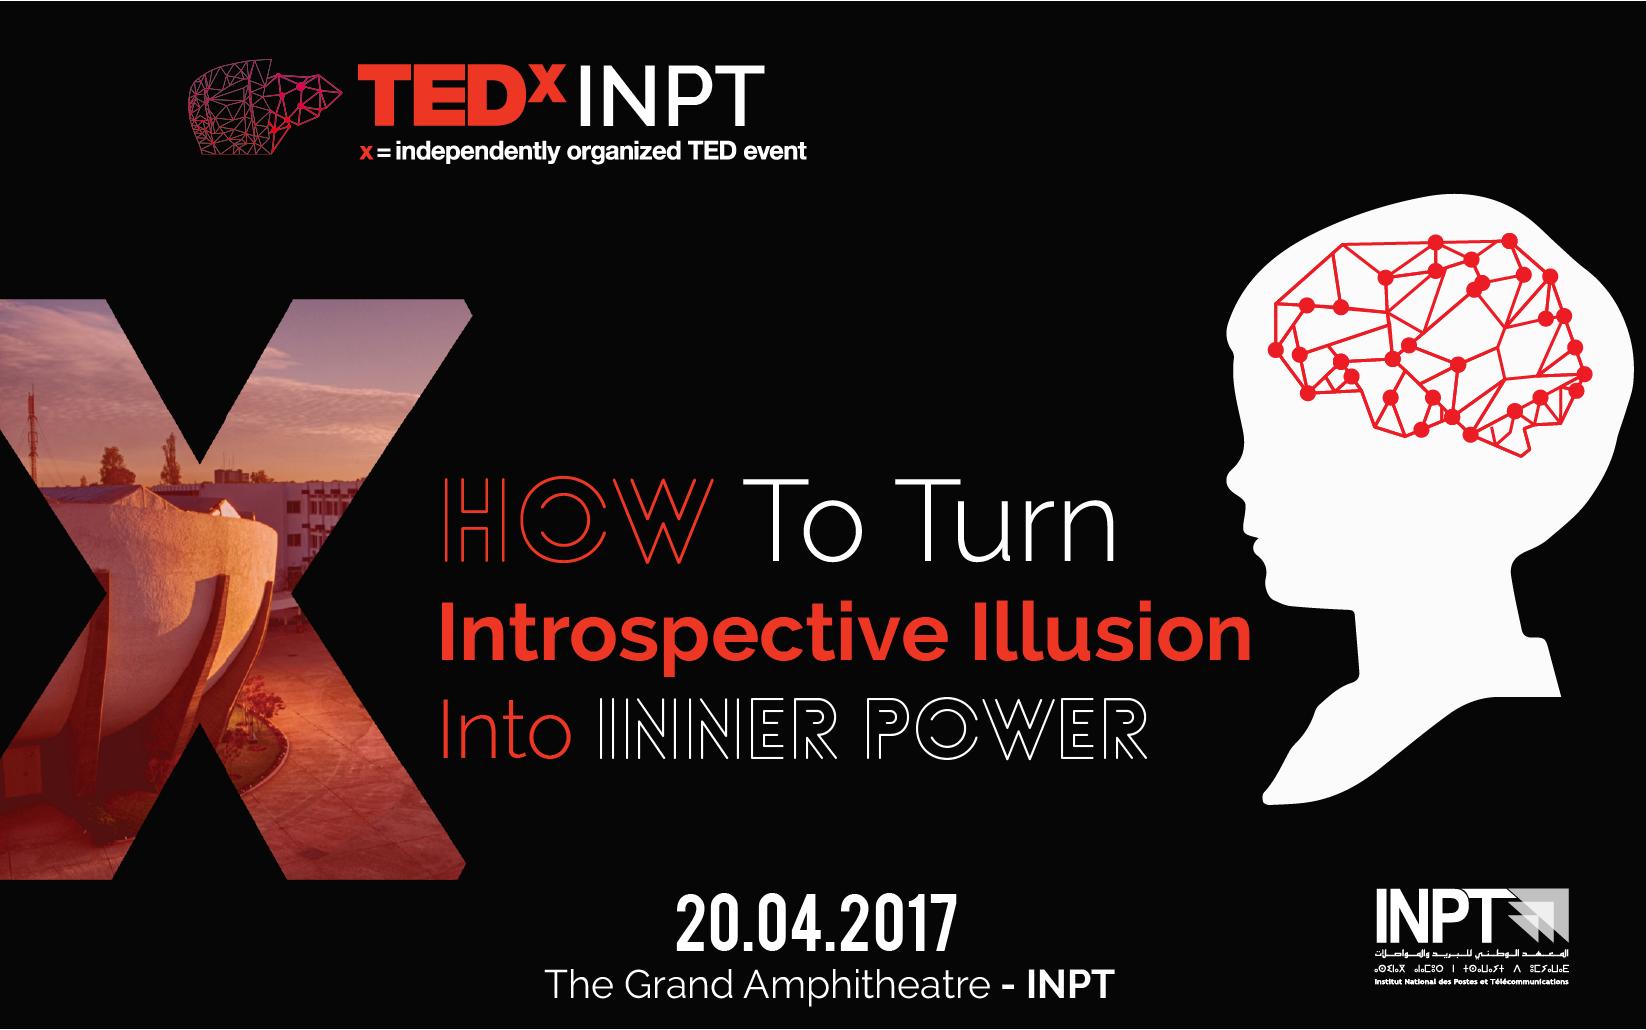 L'INPT organise la 2ème édition de TEDx